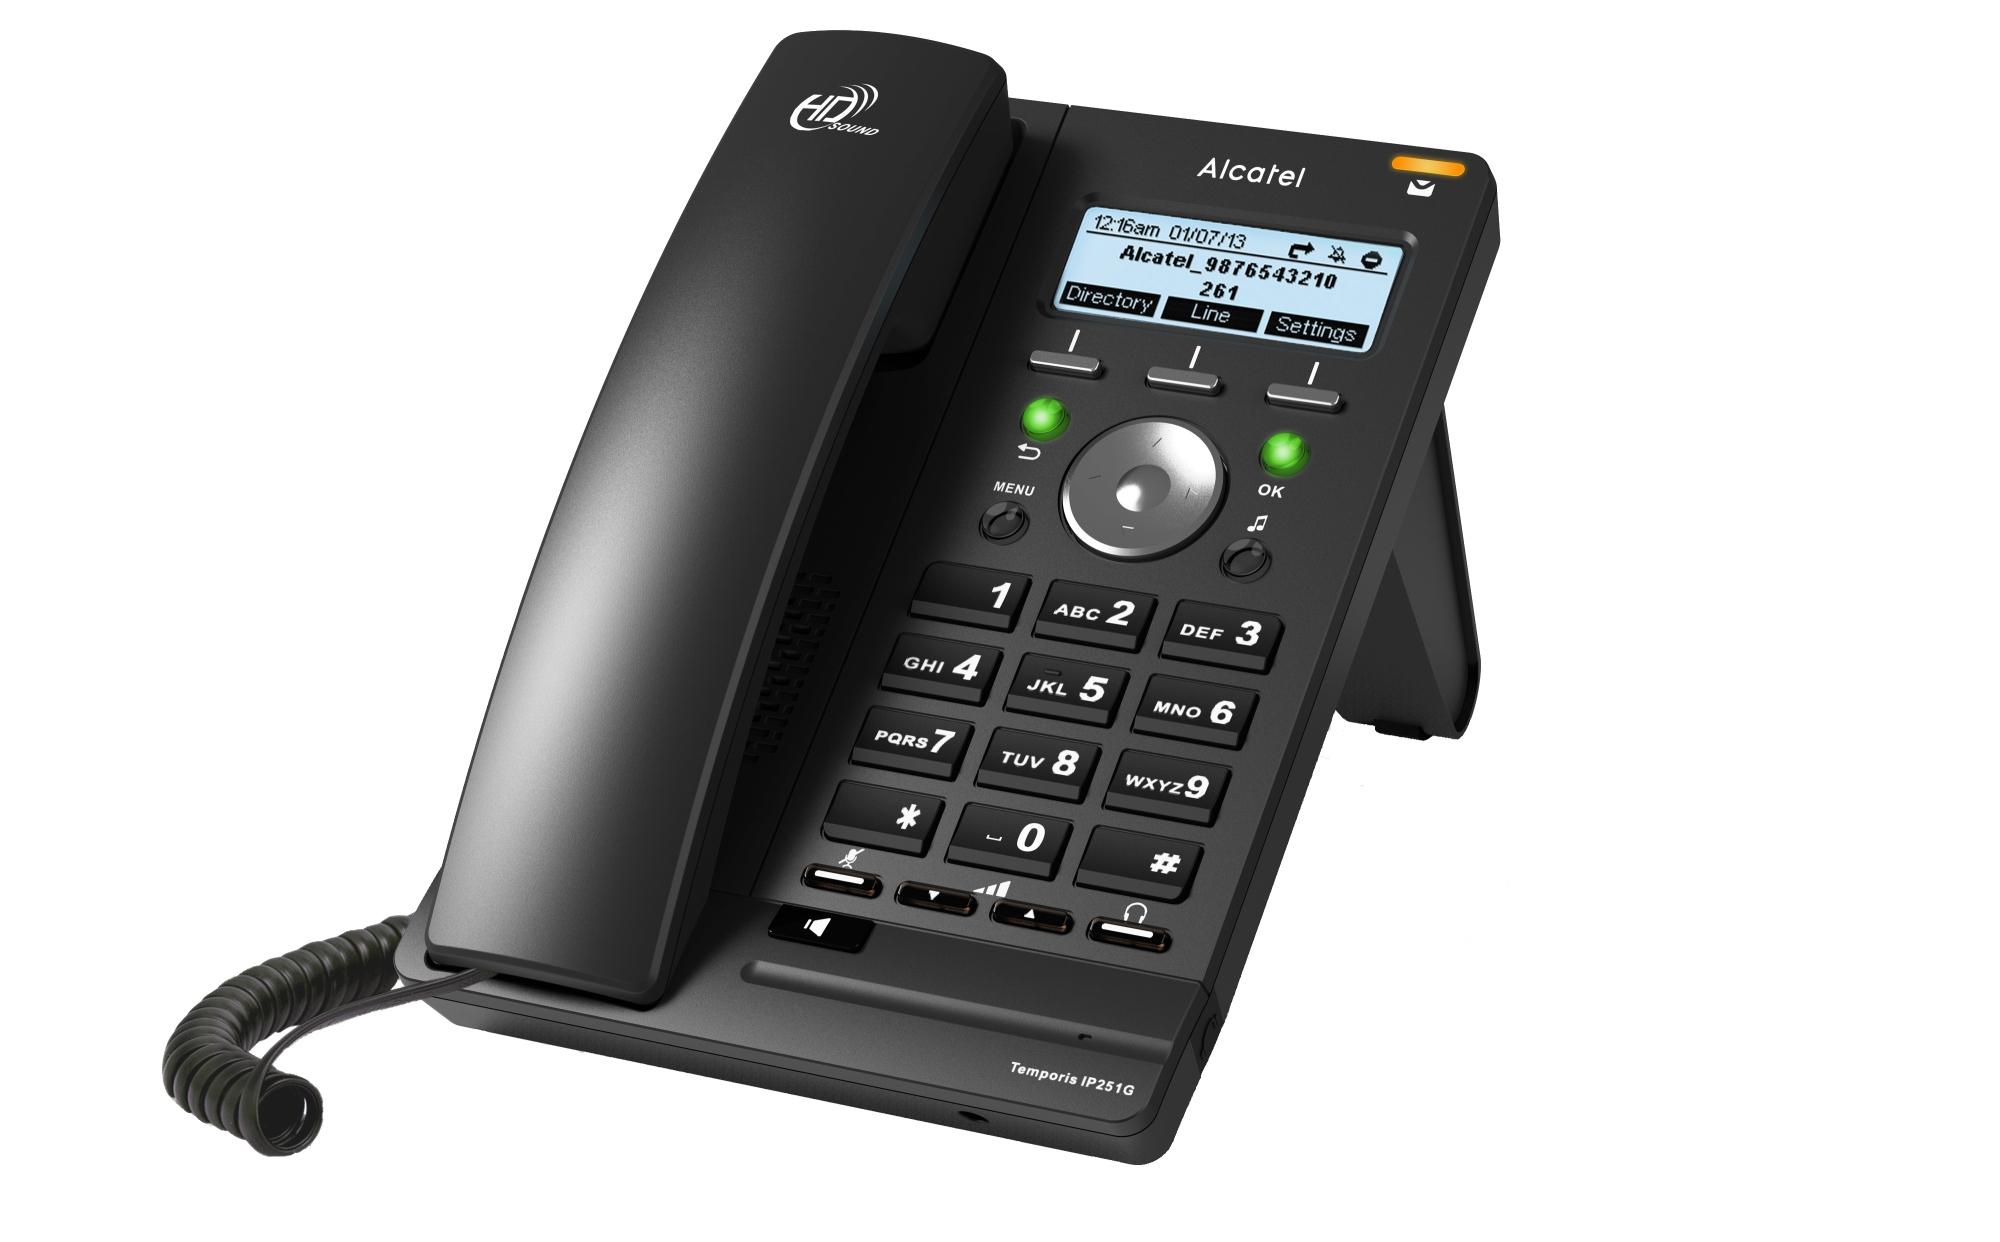 TEMPORIS IP251G TERMINAL CON CONEXIóN POR CABLE 6LíNEAS LED NEGRO TELéFONO IP